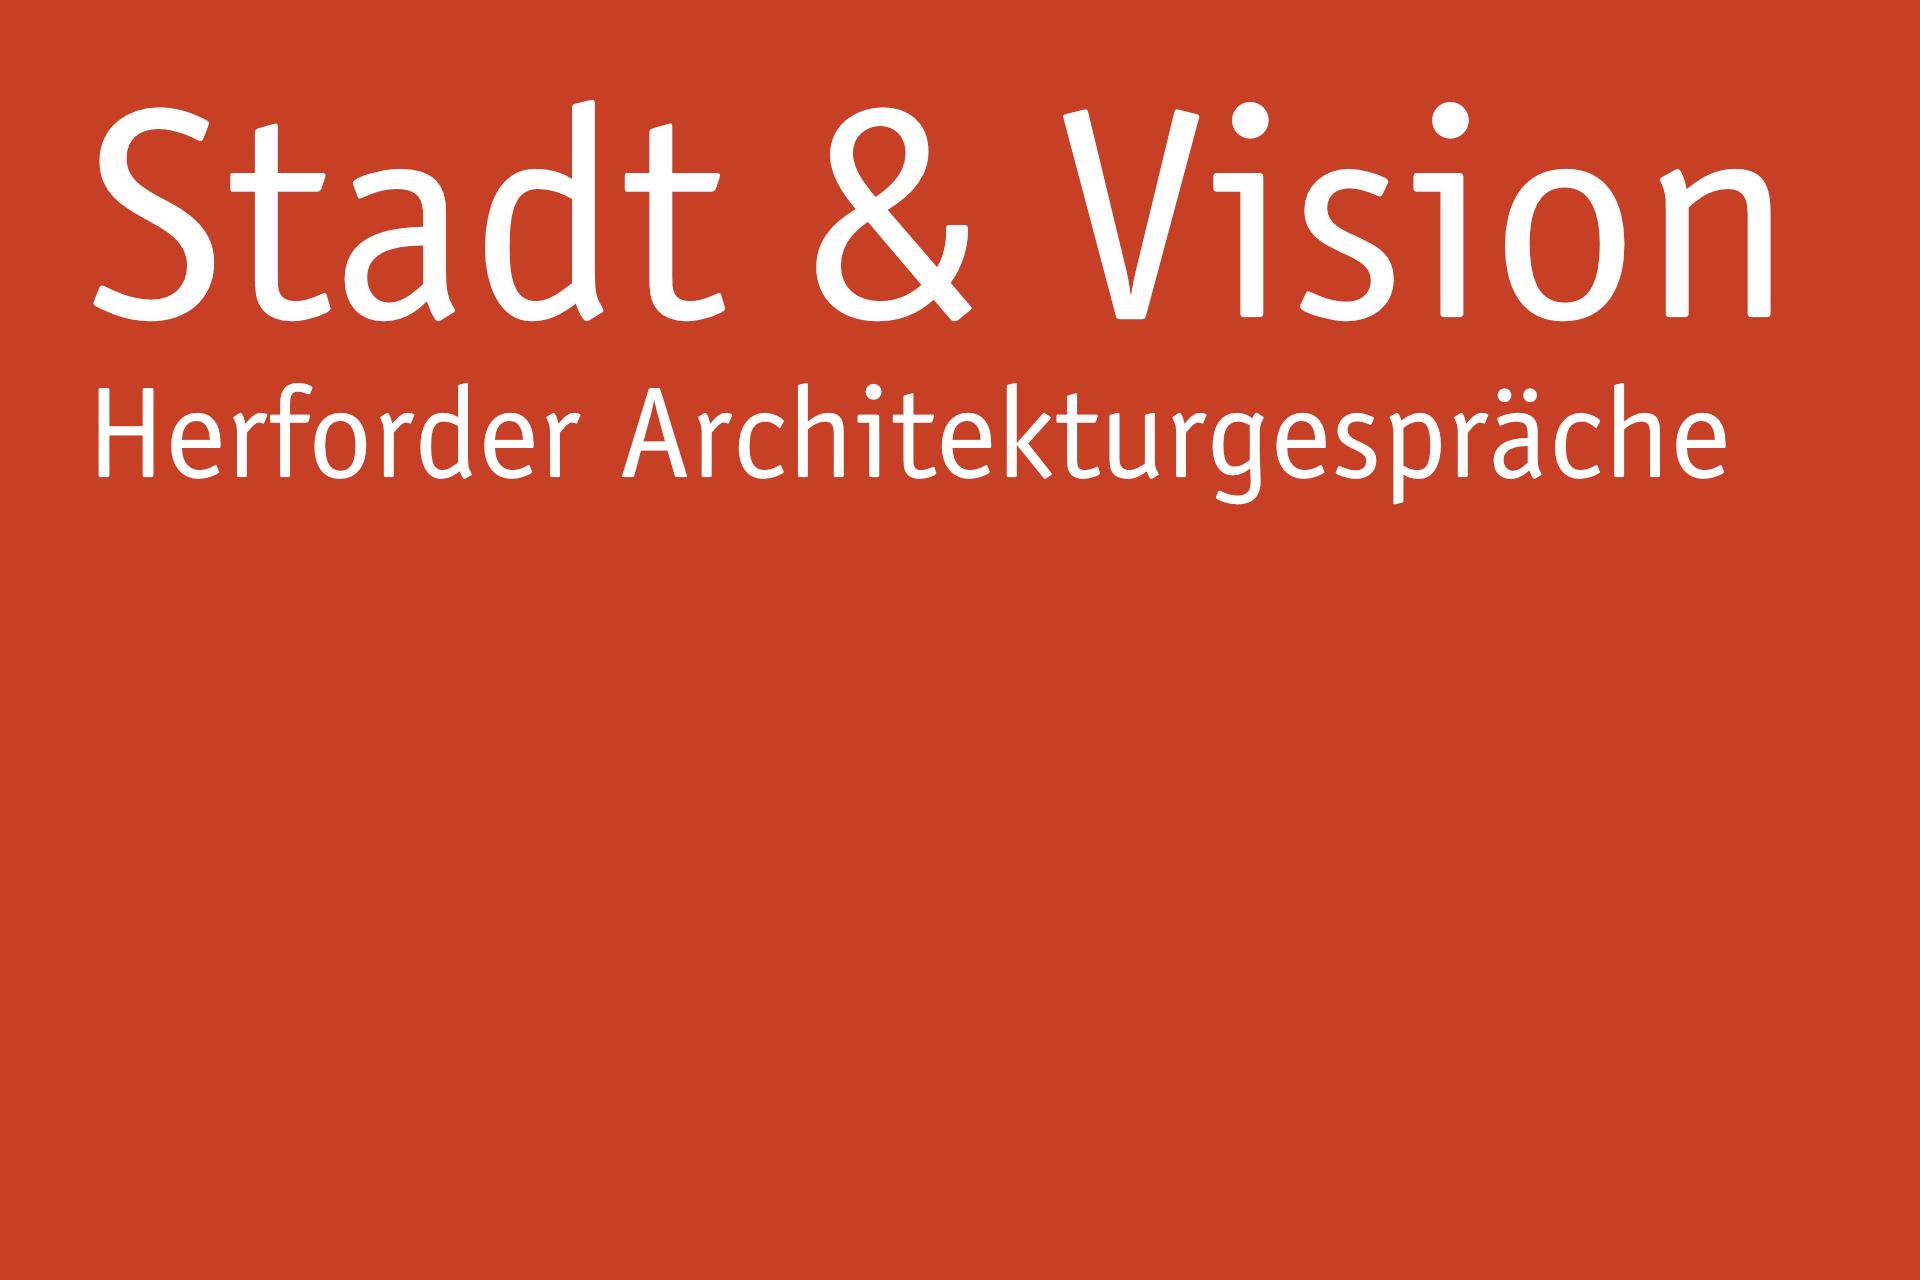 Stadt + Vision - Herforder Architekturgespräche: Thomas Kröger